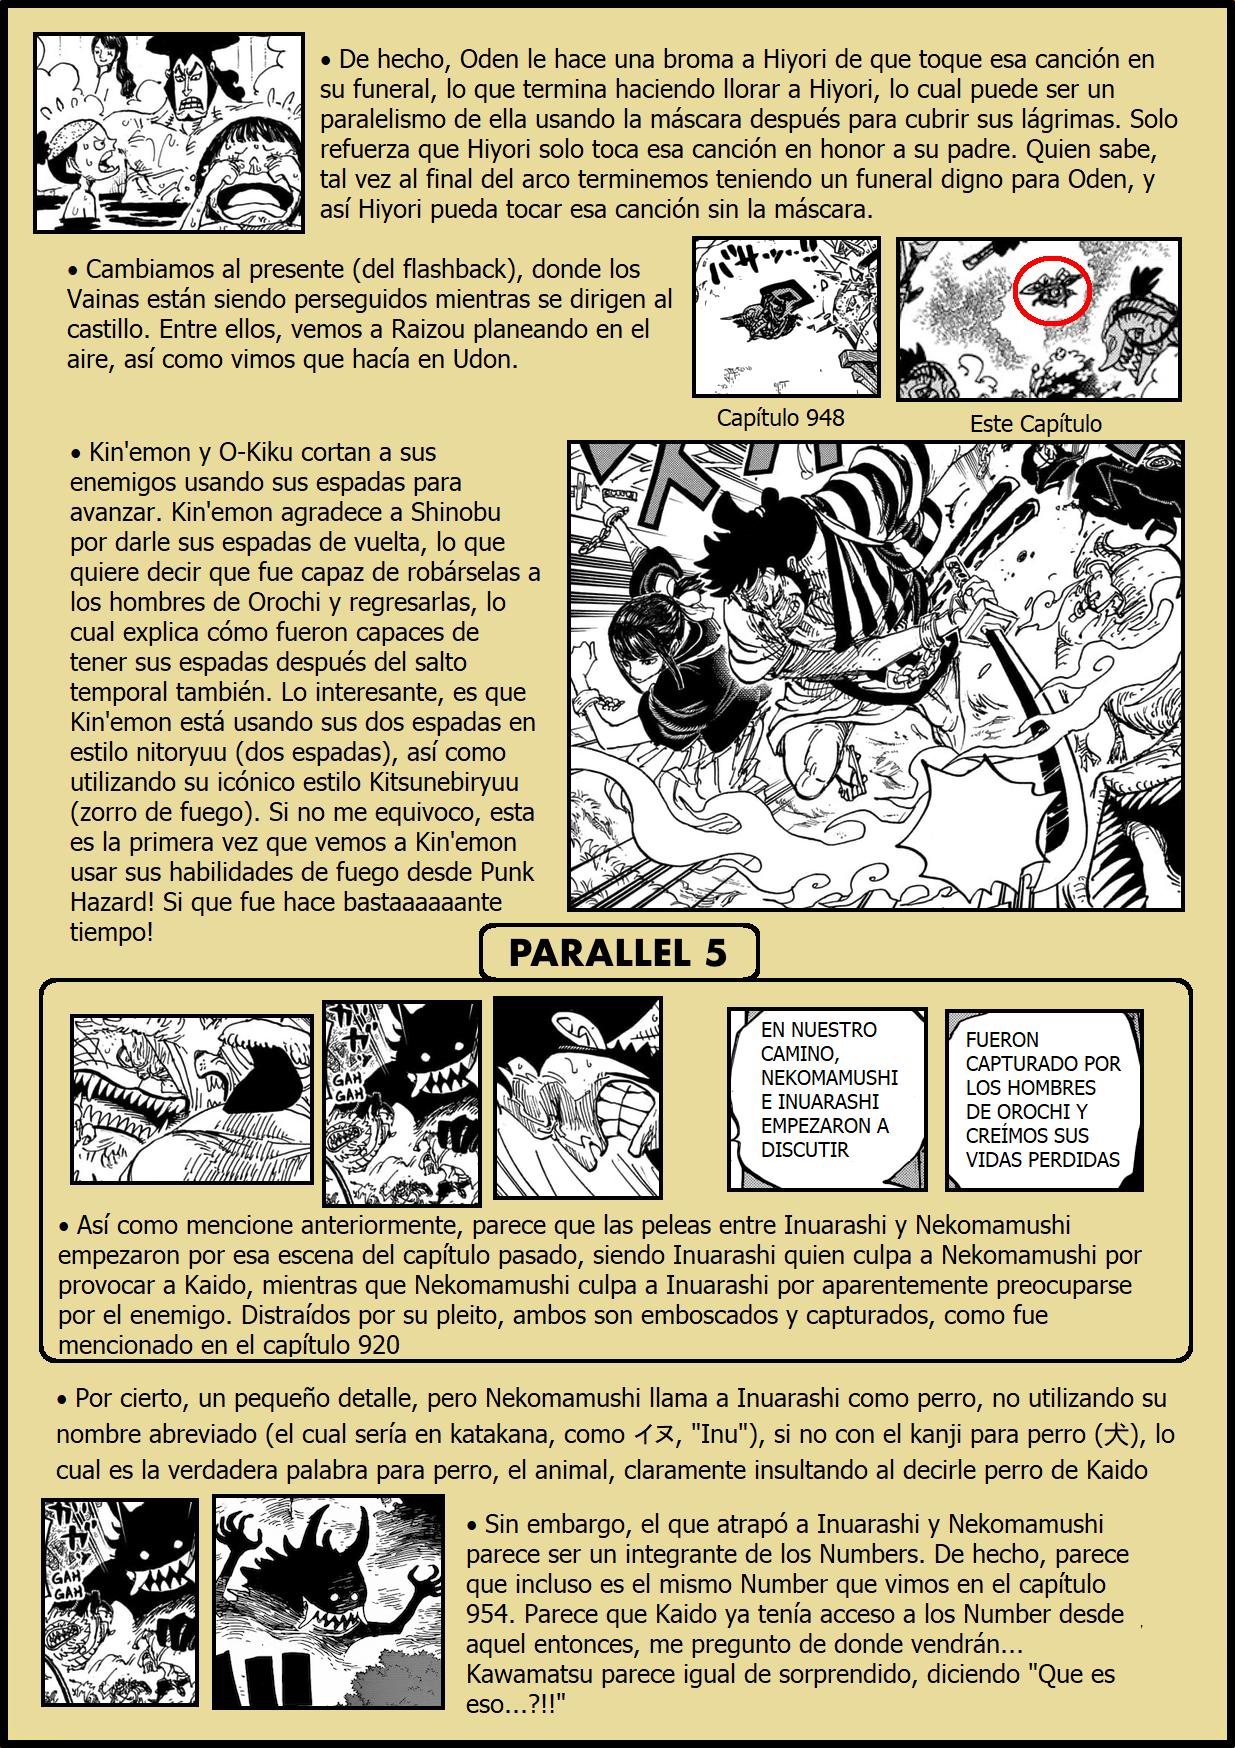 Secretos & Curiosidades - One Piece Manga 973 04